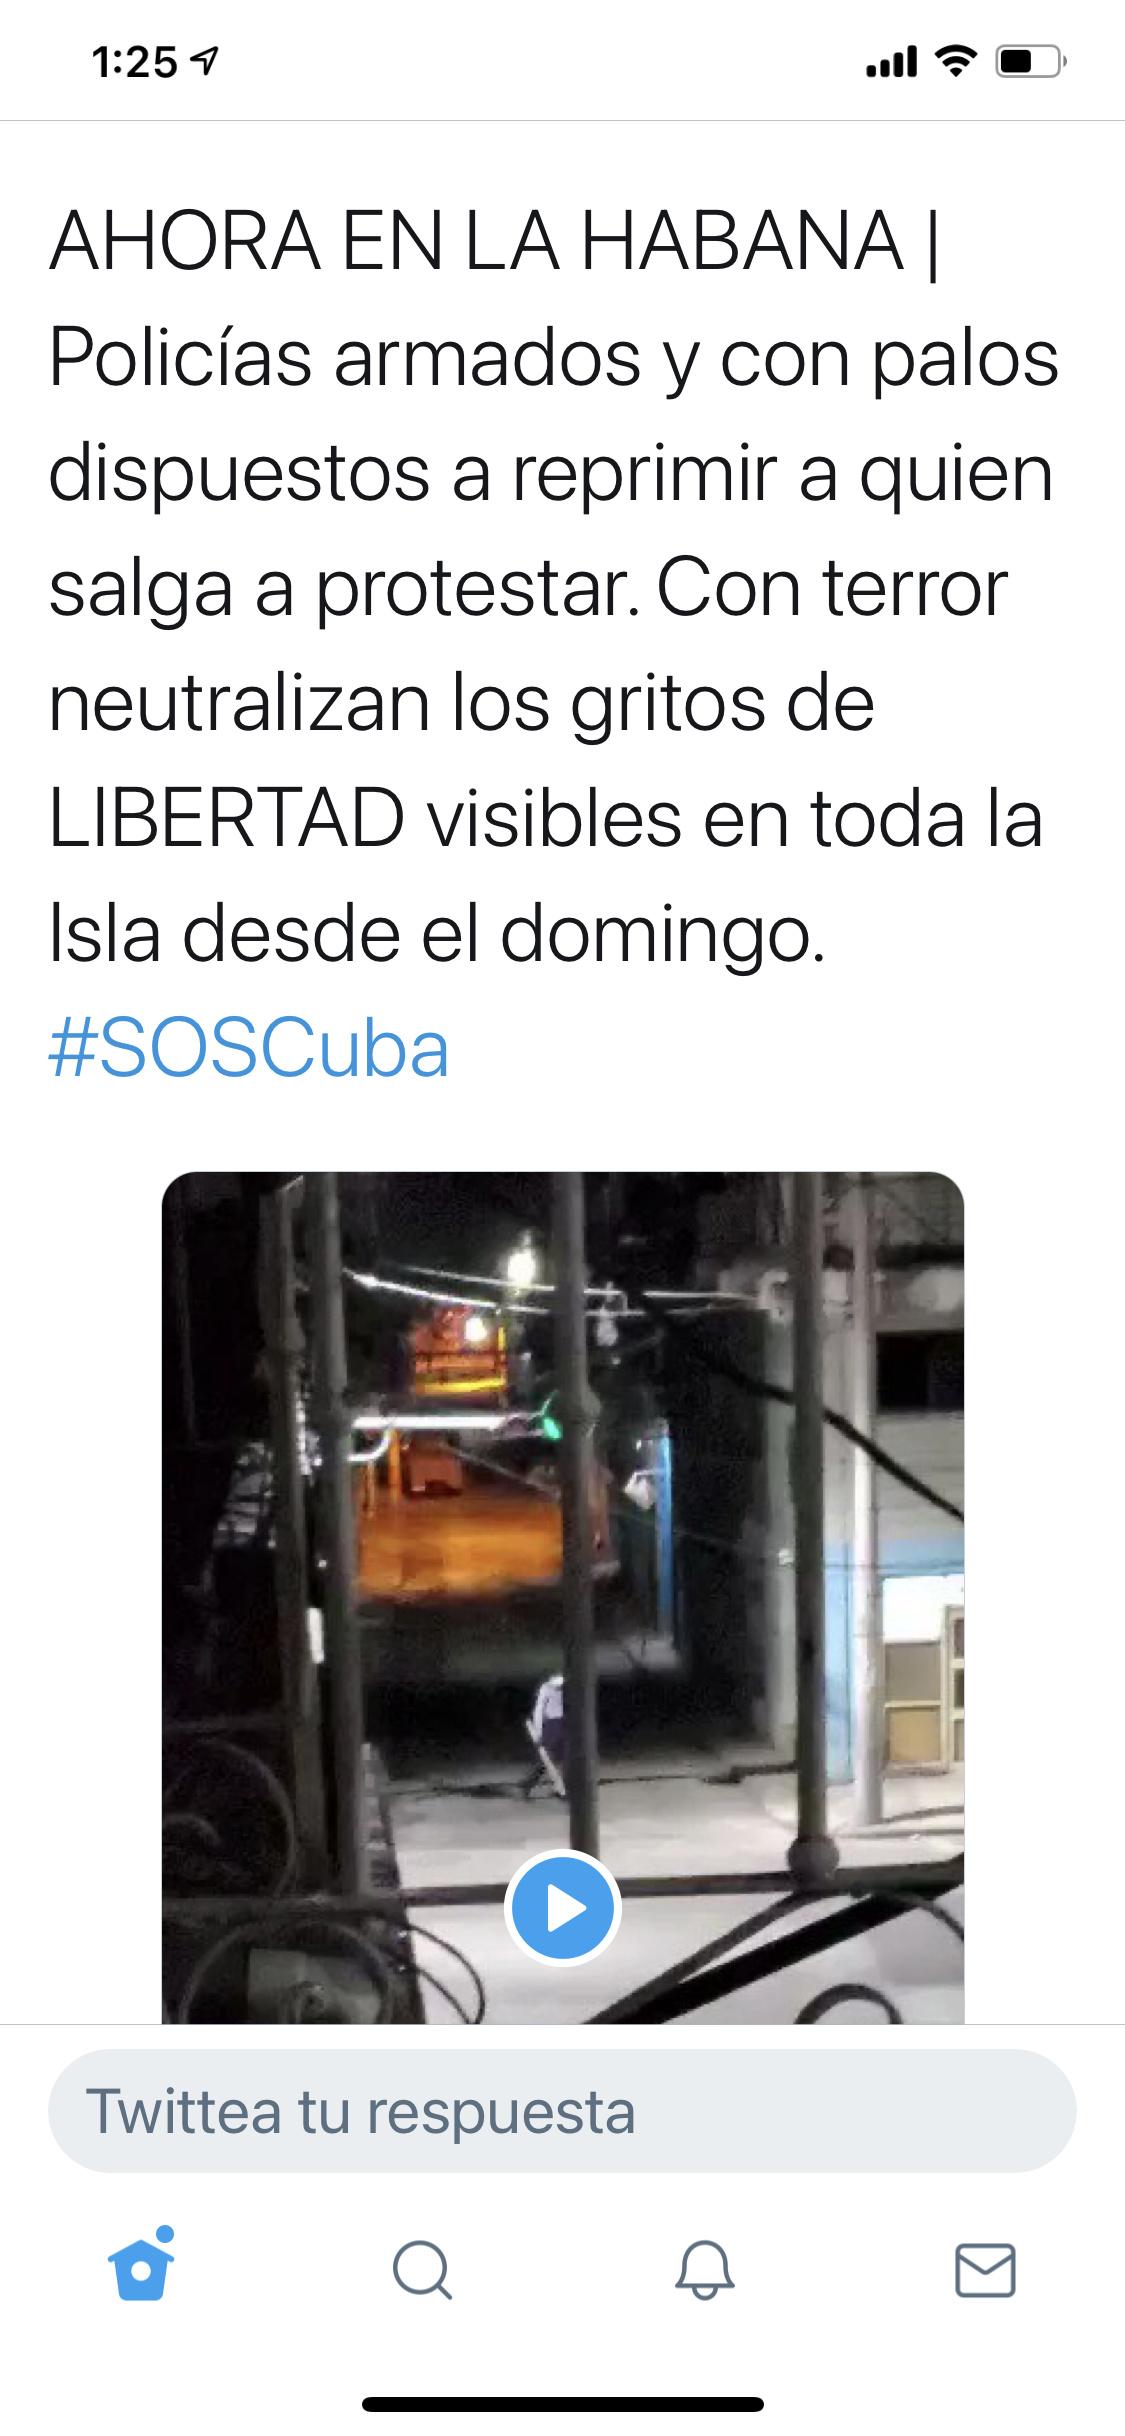 Cuba, el pueblo se ha cansado de la dictadura - Página 2 Img_8518